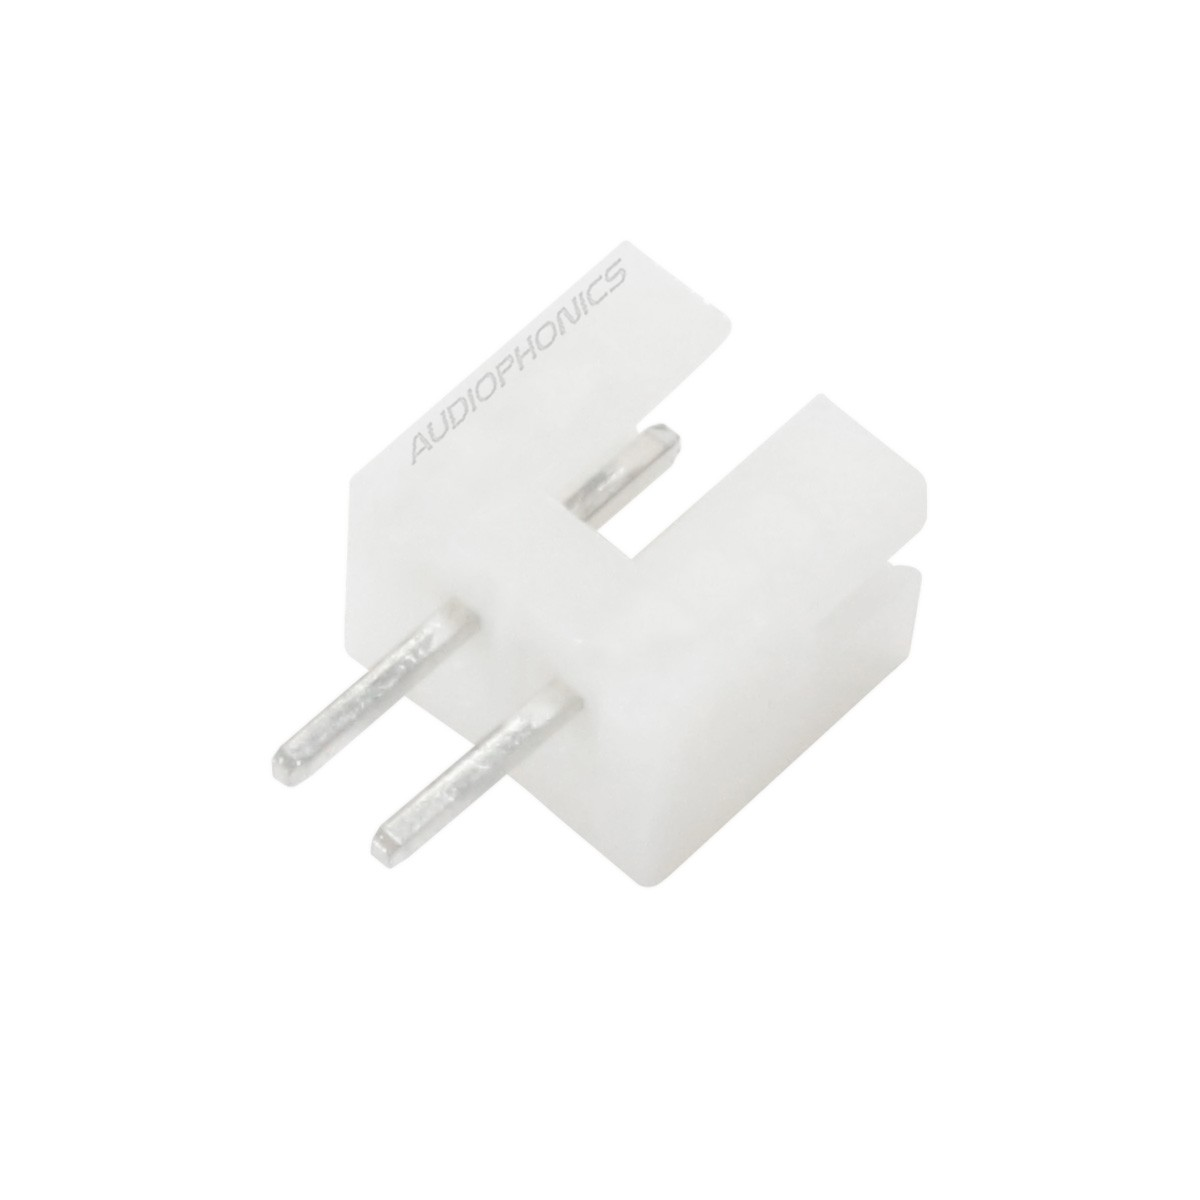 Connecteur Embase PH 2.0mm Mâle 2 Voies Blanc (Unité)